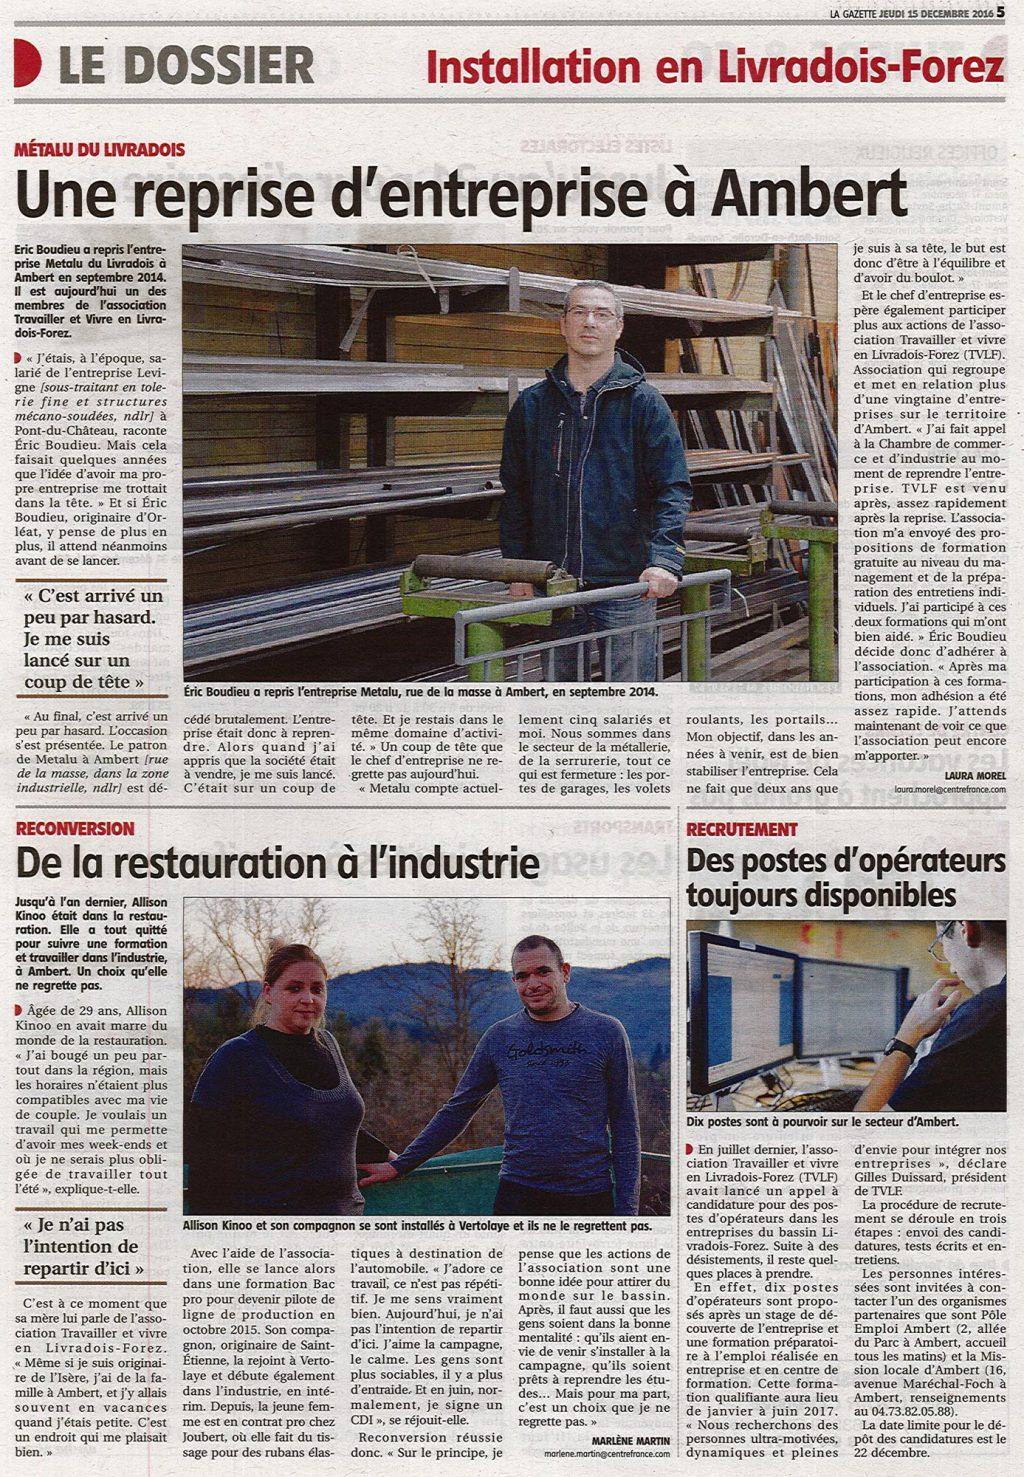 """""""Une reprise d'entreprise à Ambert"""" - La Gazette 15/12/2016"""